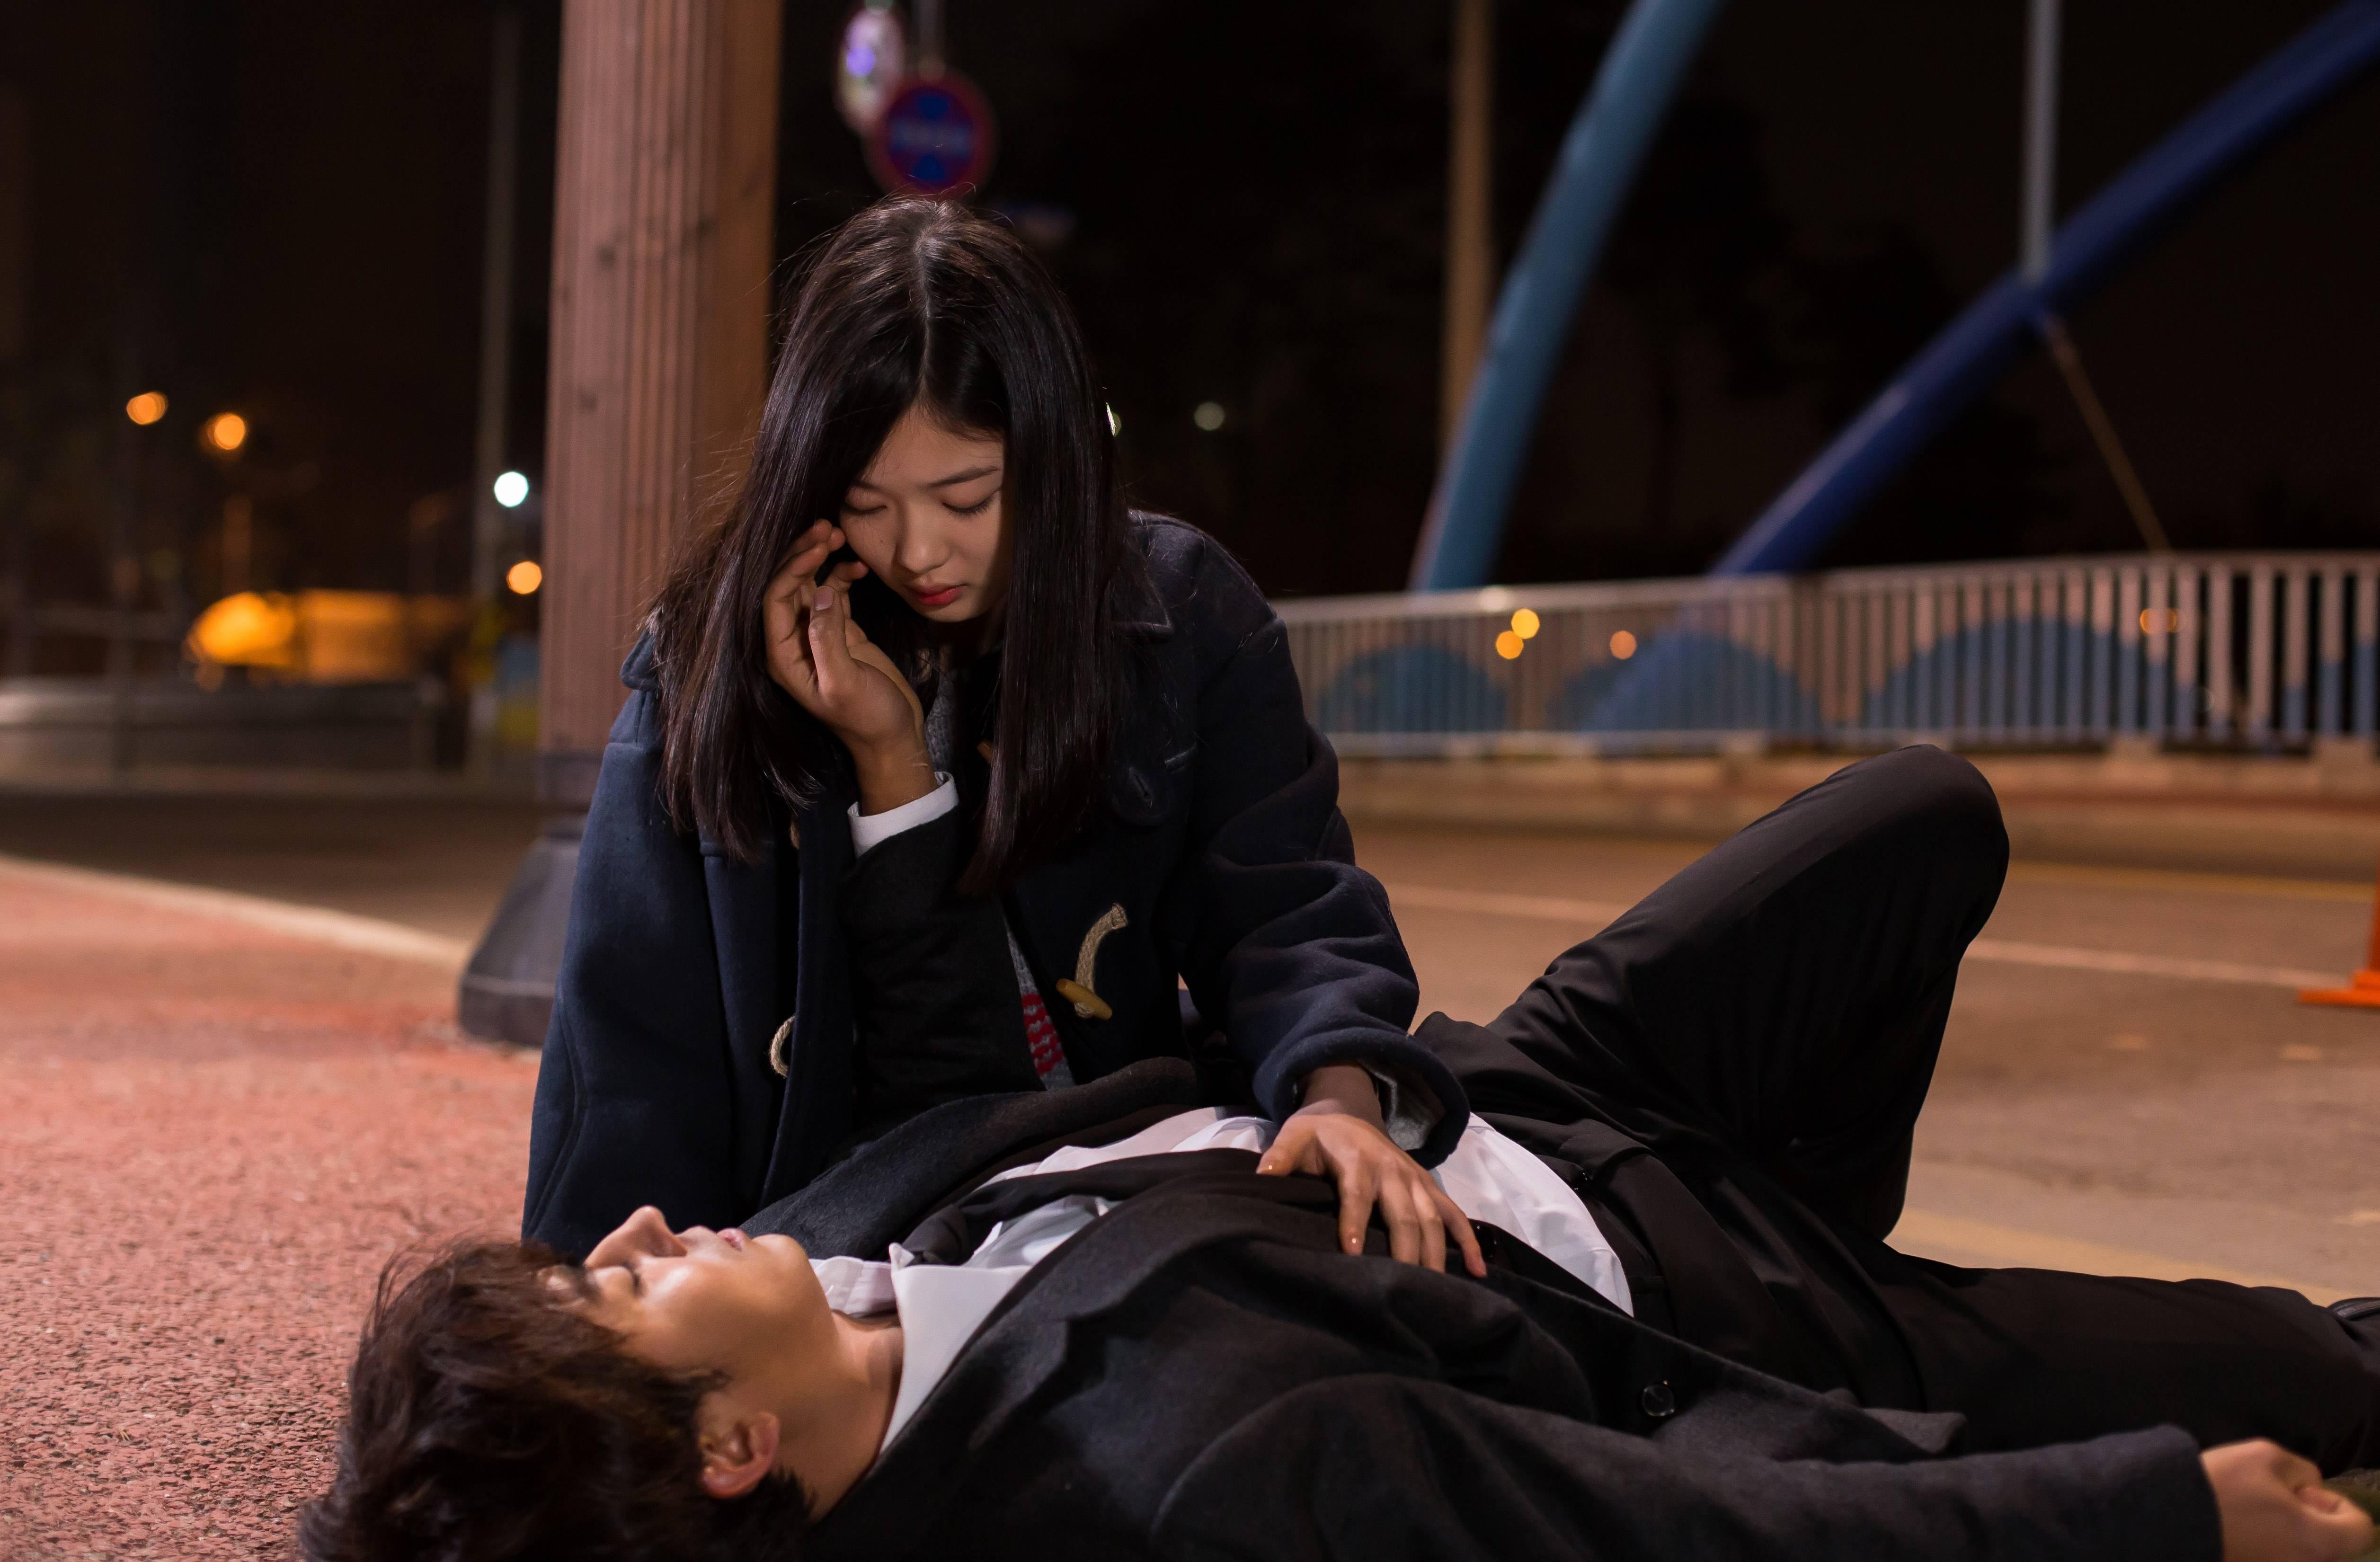 دانلود فیلم کره ای دایره کفاره